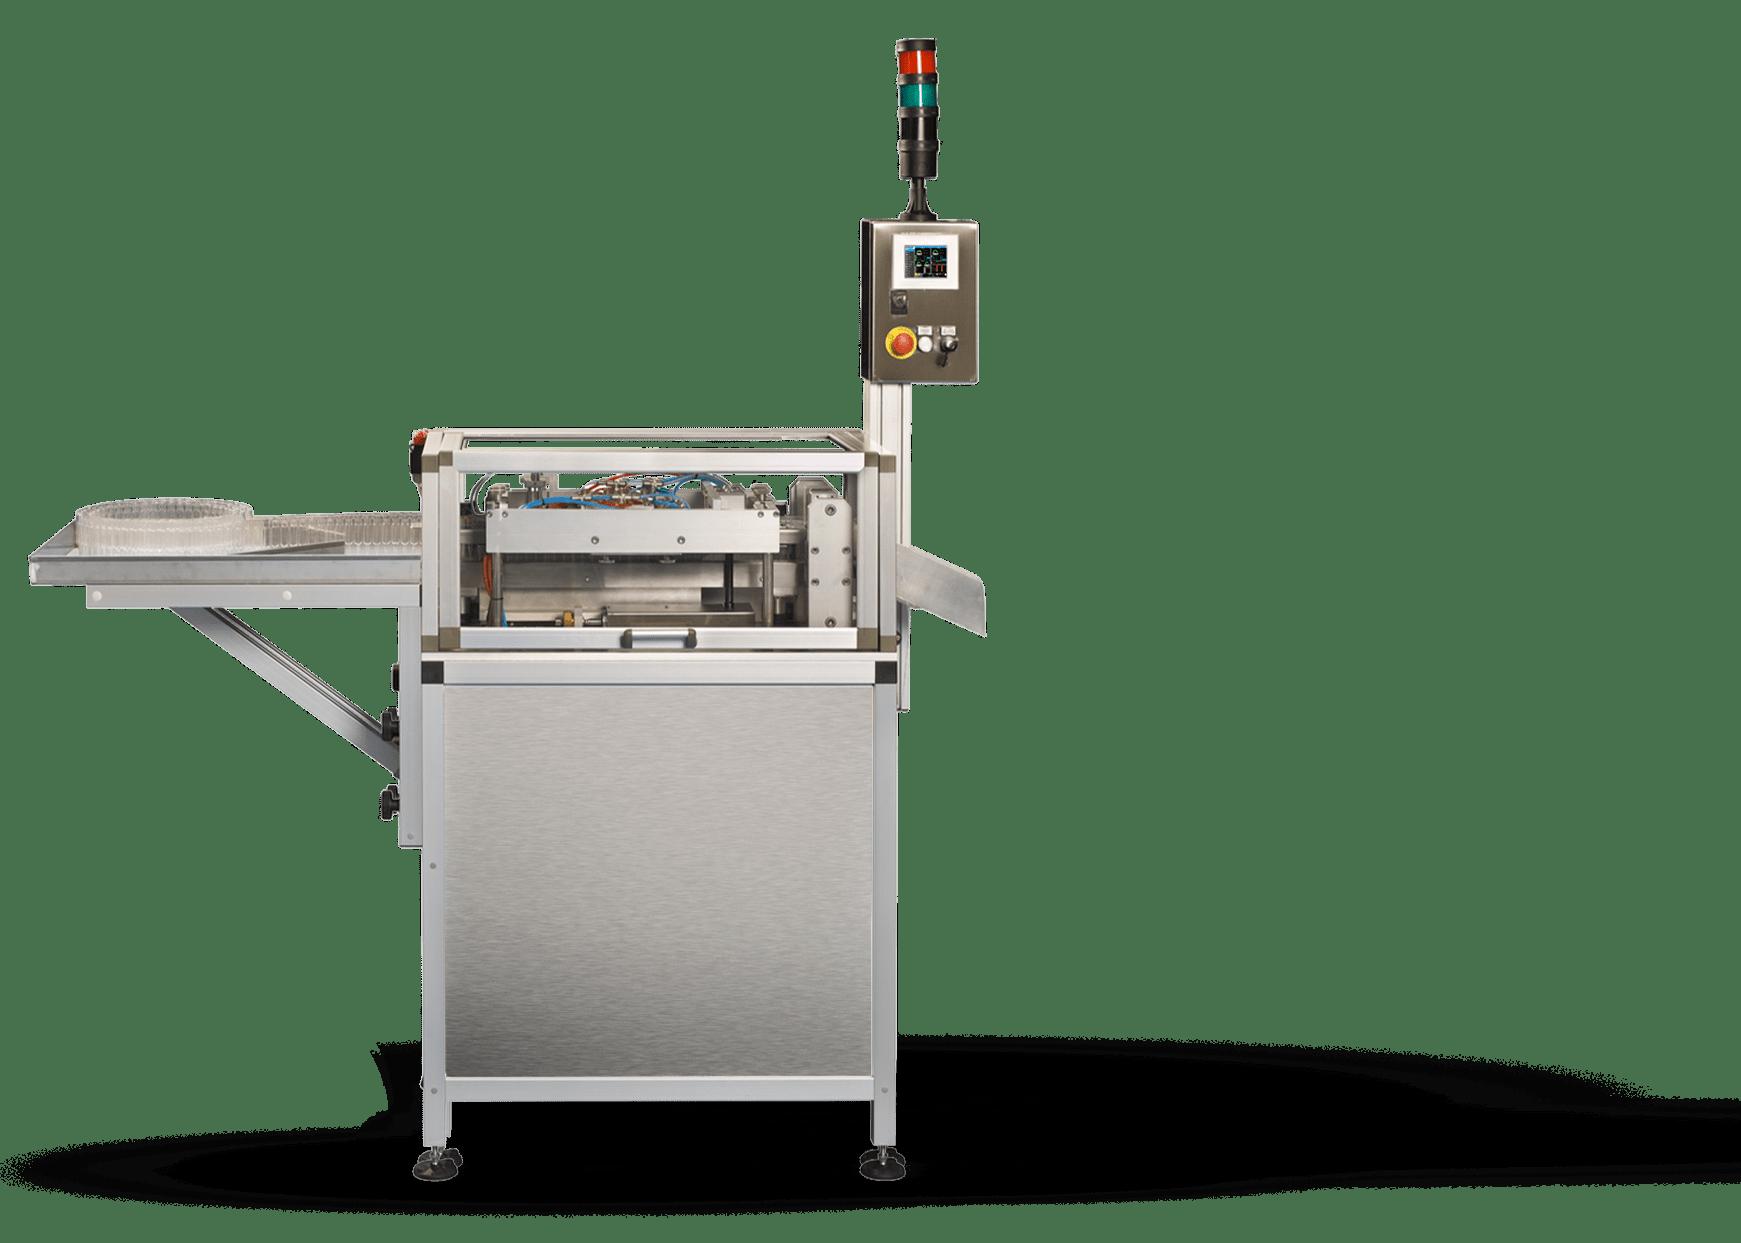 Produzione Linee Termoformatrici Riempitrici | Macchina Semiautomatica | MIRI | Valmatic srl